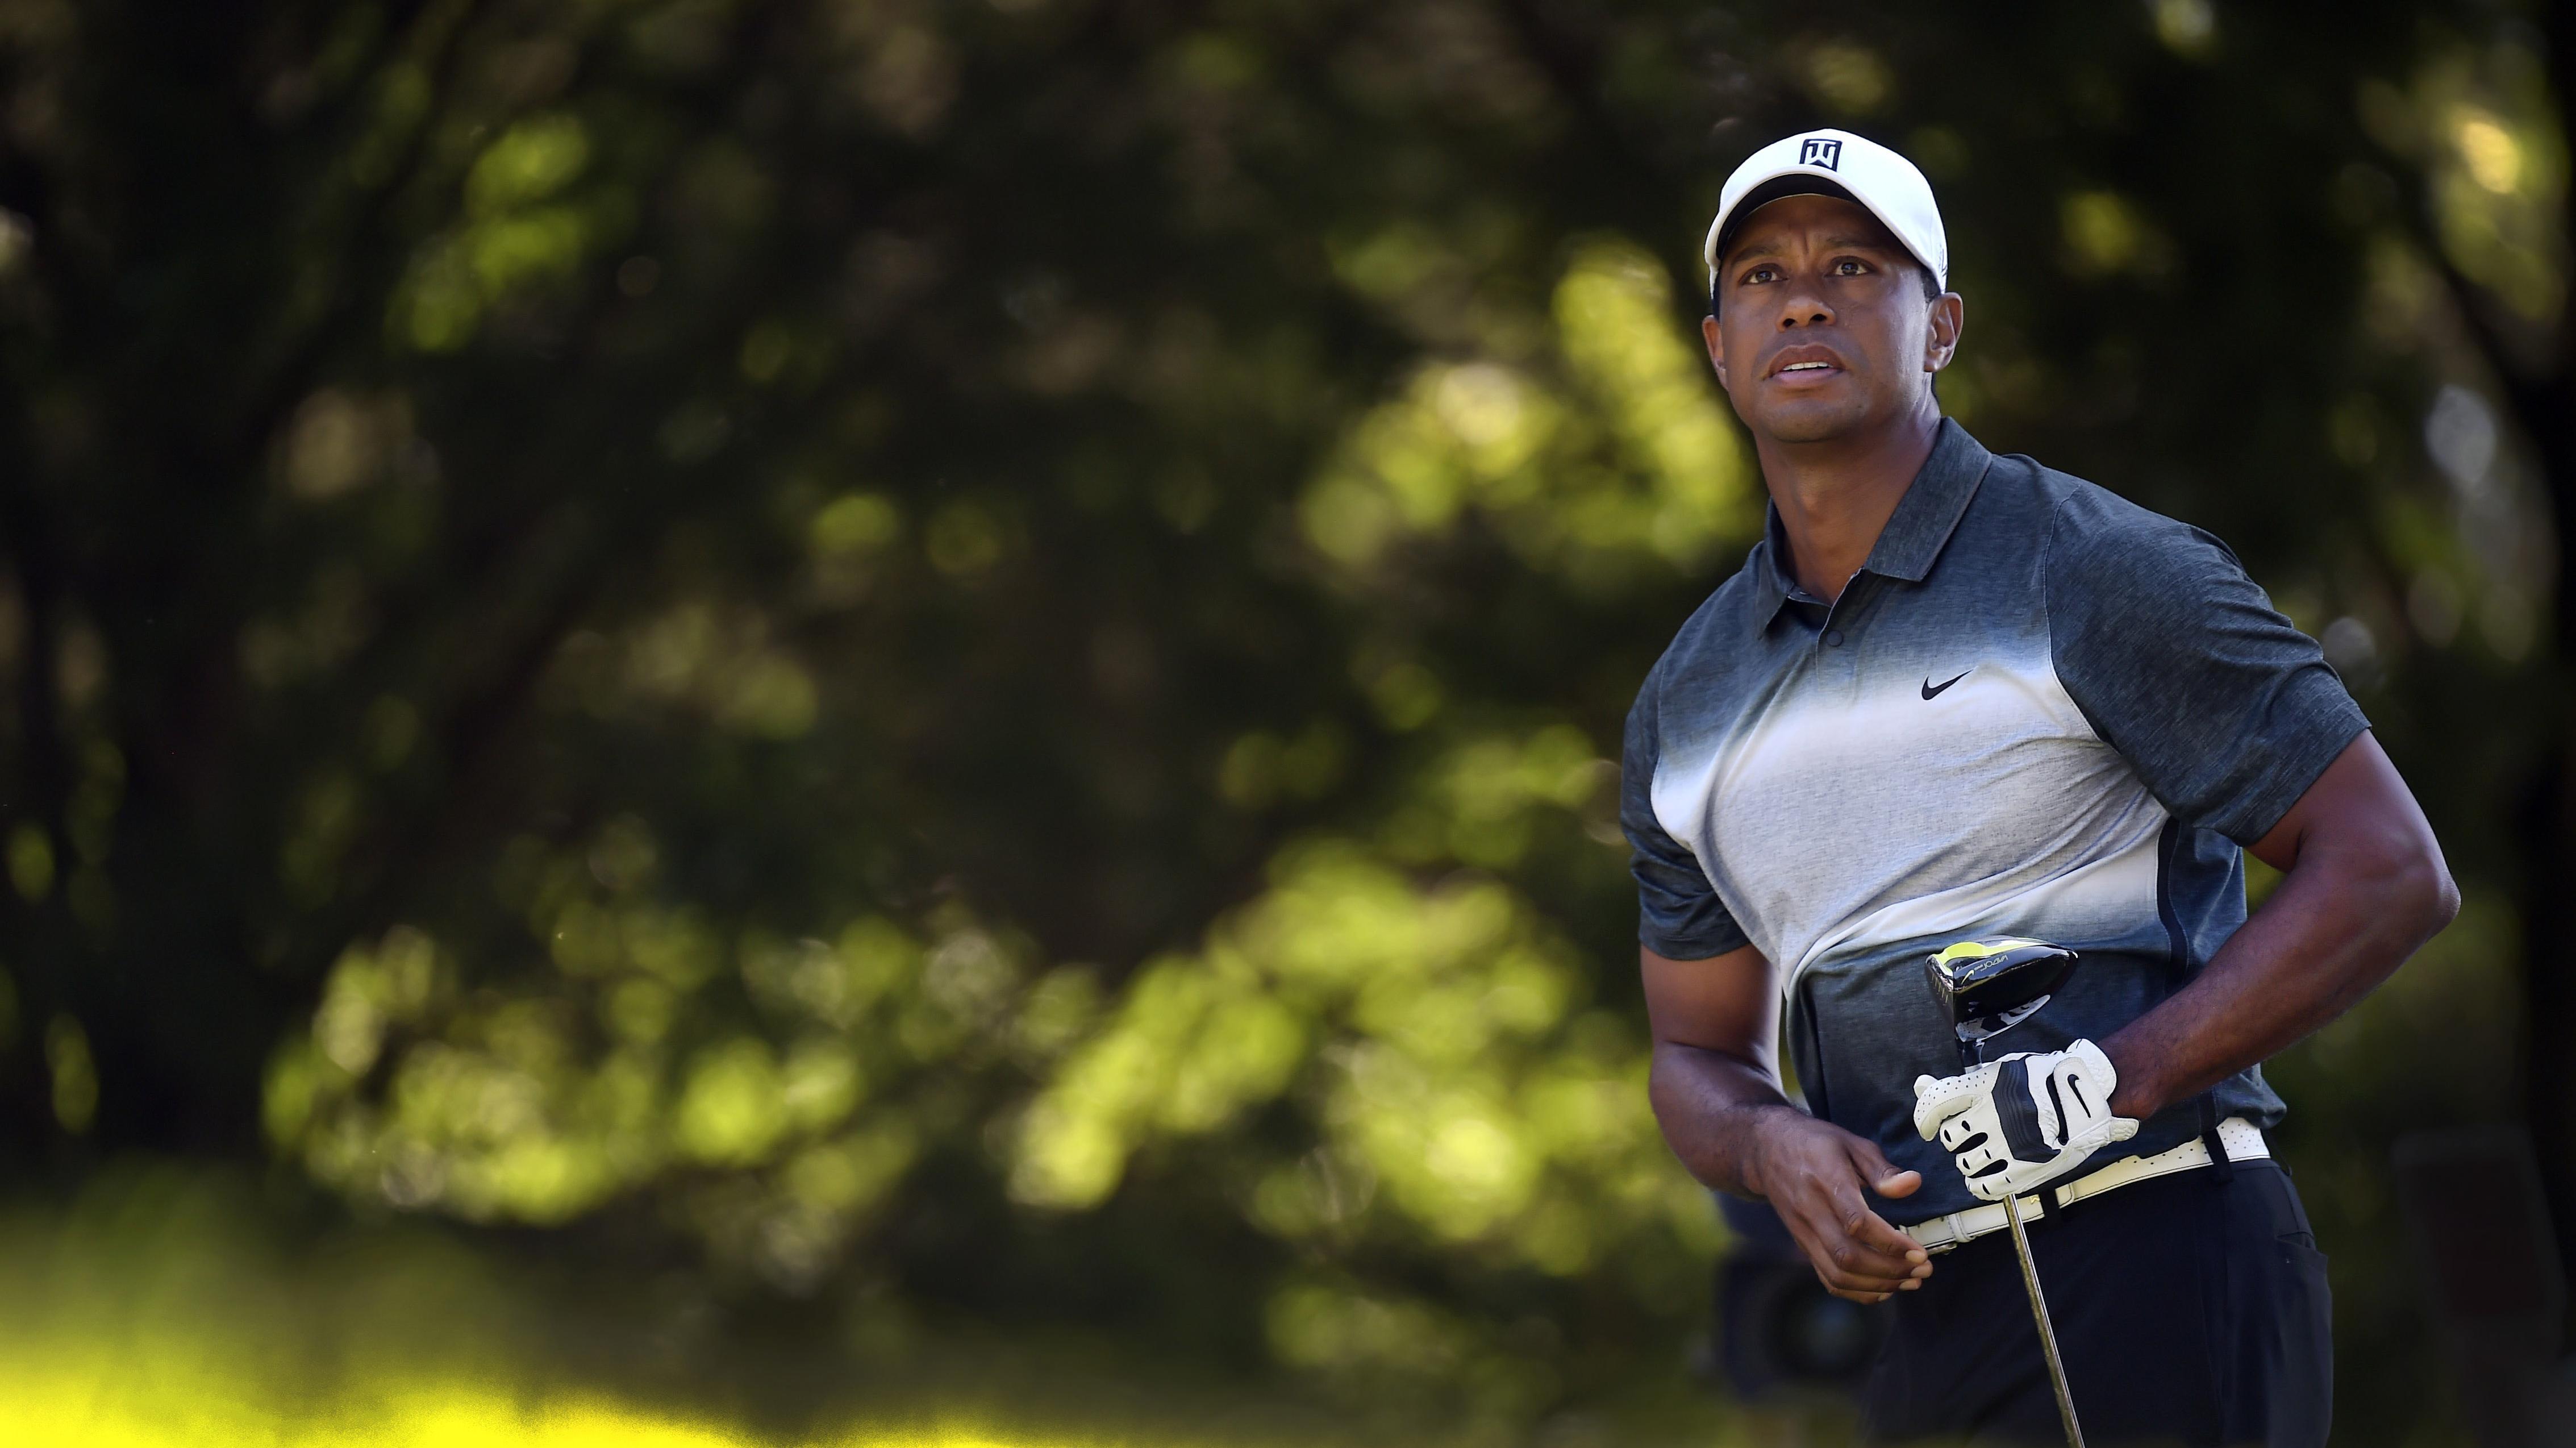 Tiger Woods, golfspiller